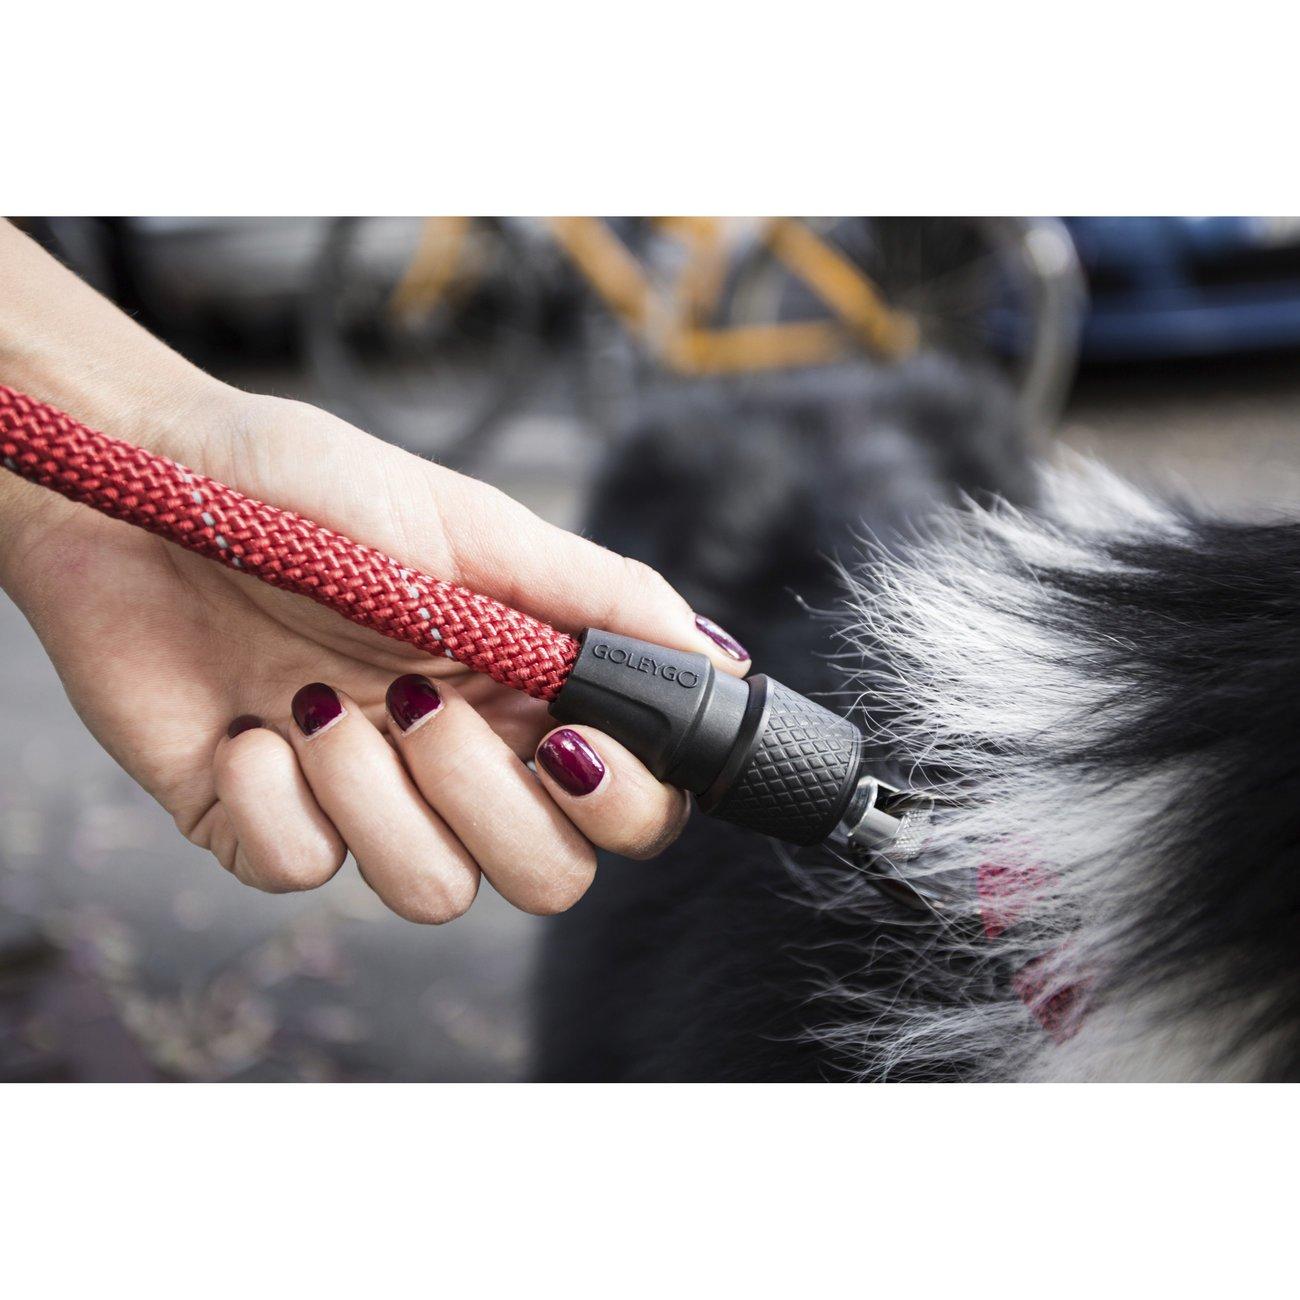 GoLeyGo Hunde Rundleine 2.0 Rope, Bild 18